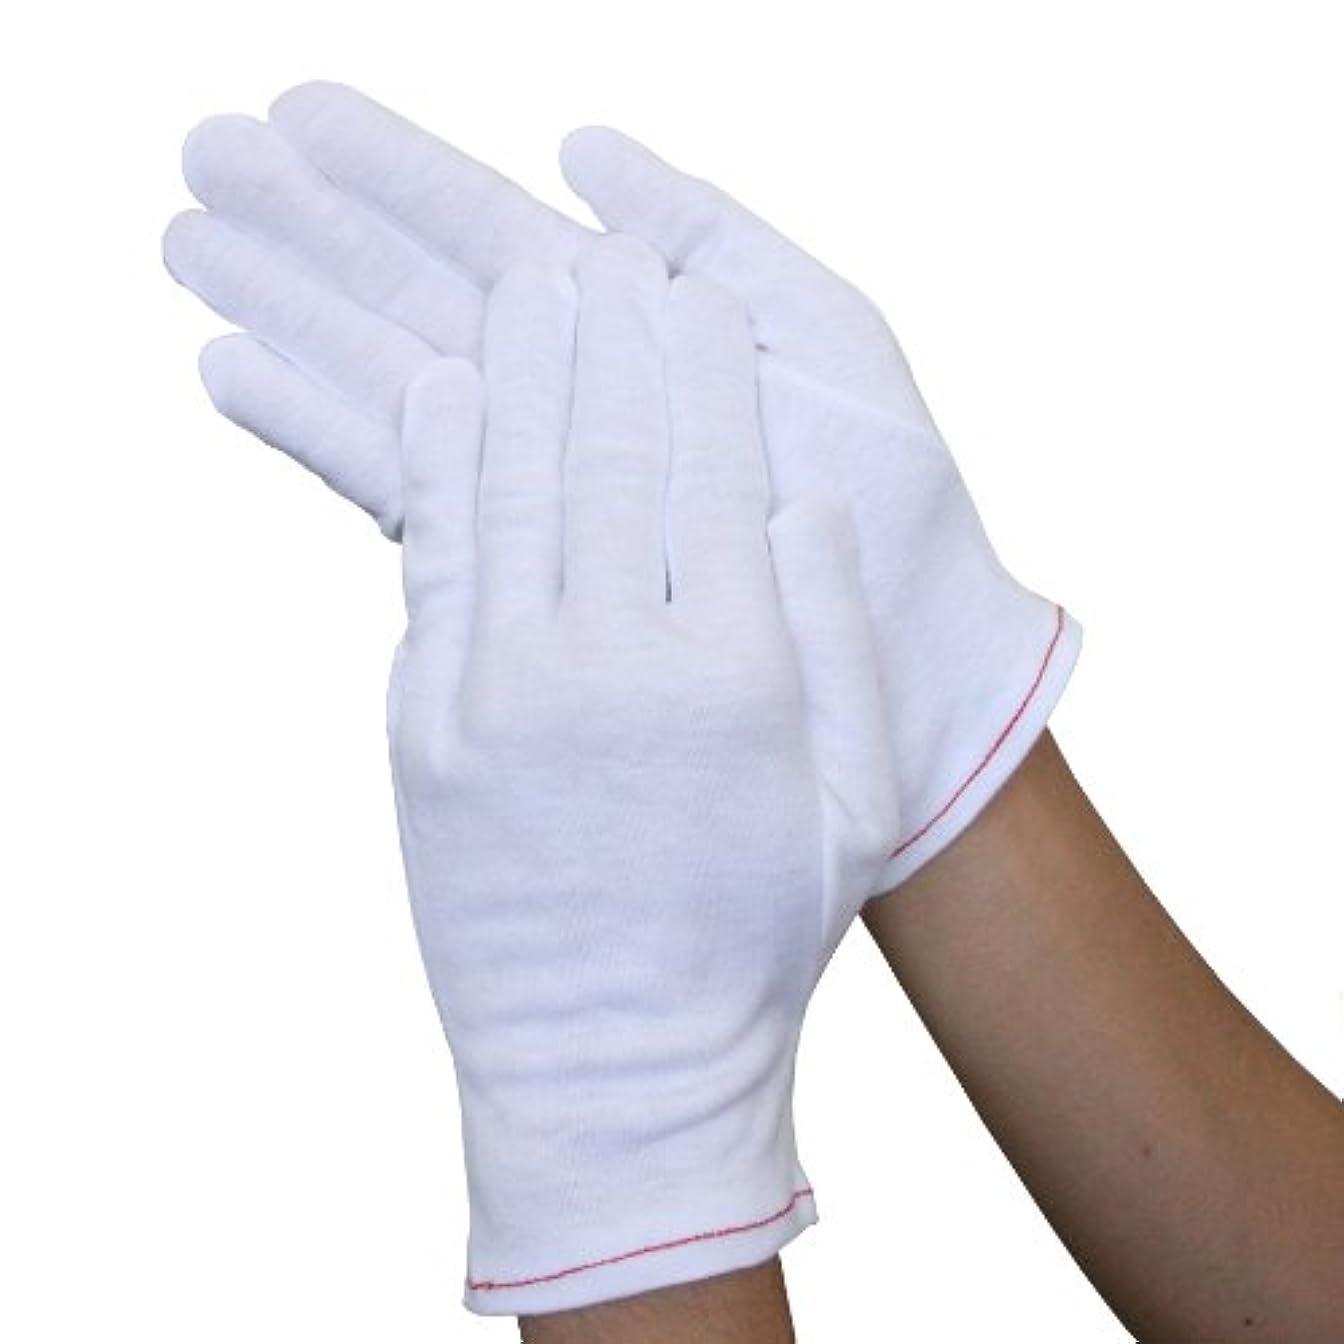 誕生日スティーブンソンスカウトウインセス 【心地よい肌触り/おやすみ手袋】 綿100%手袋 (2双) (LL)